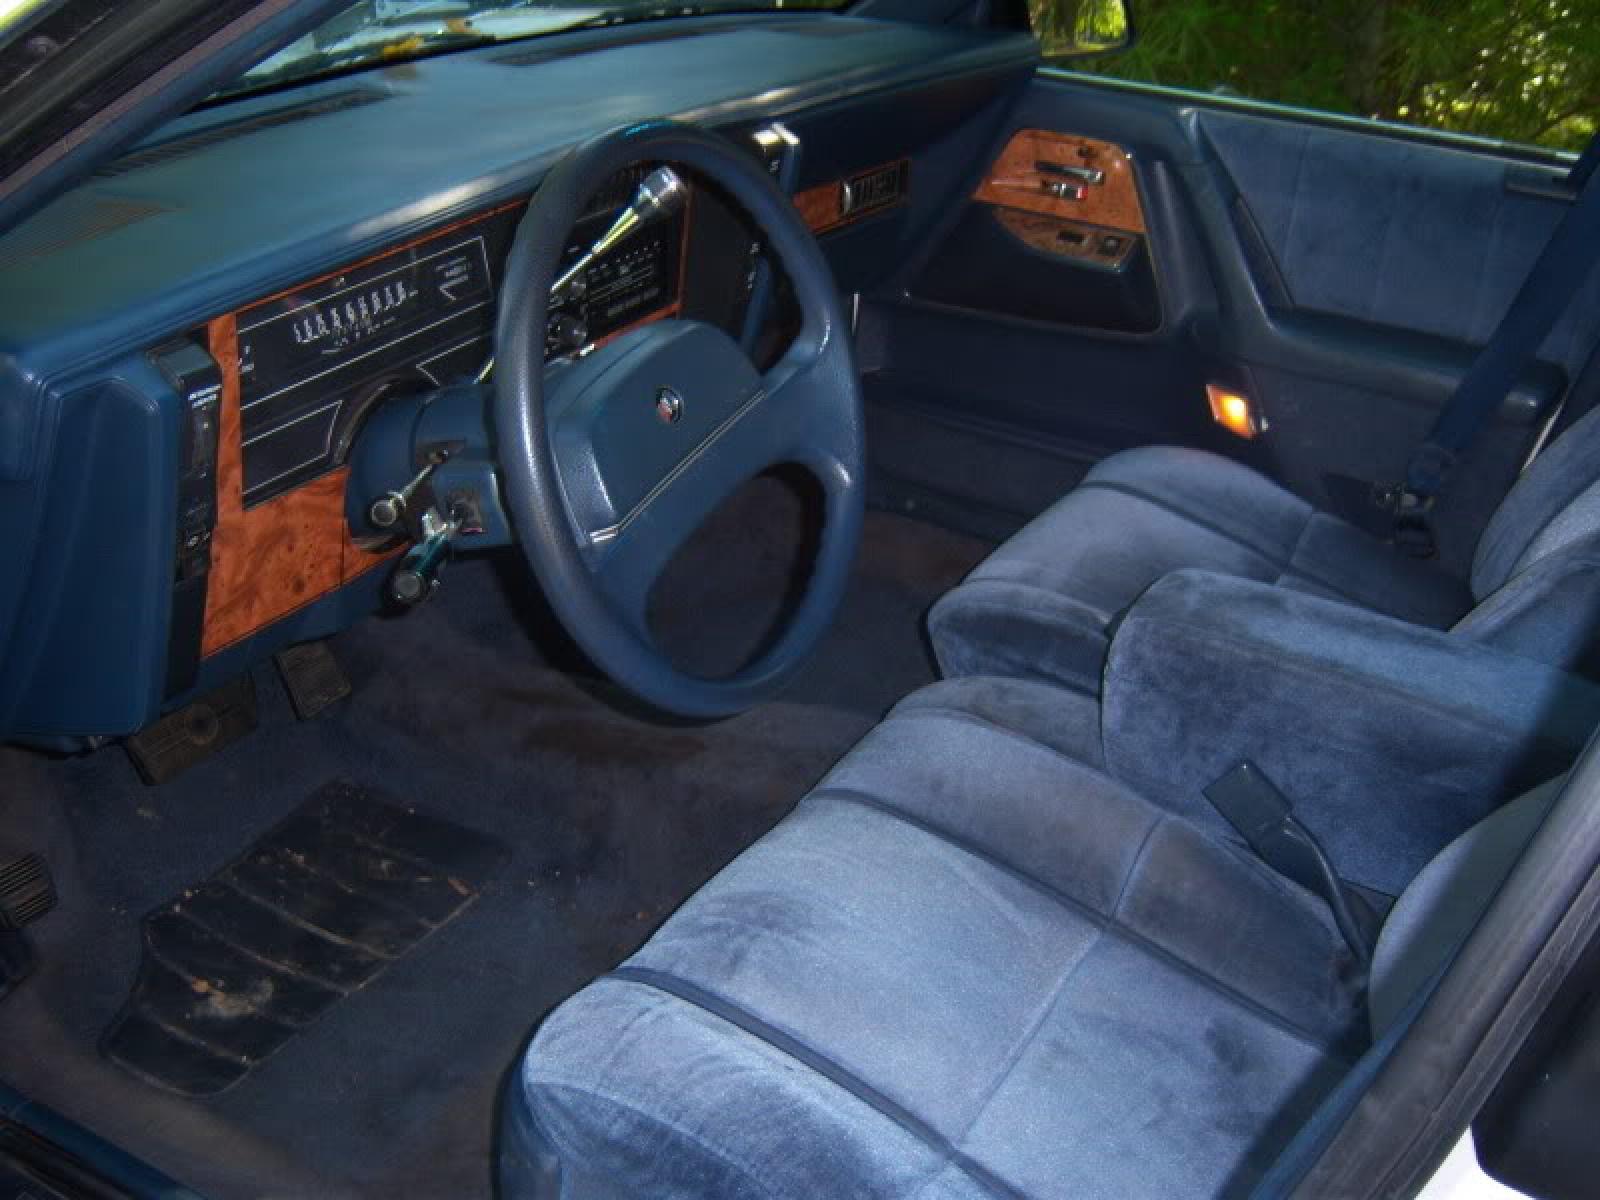 1991 buick century 1 800 1024 1280 1600 origin